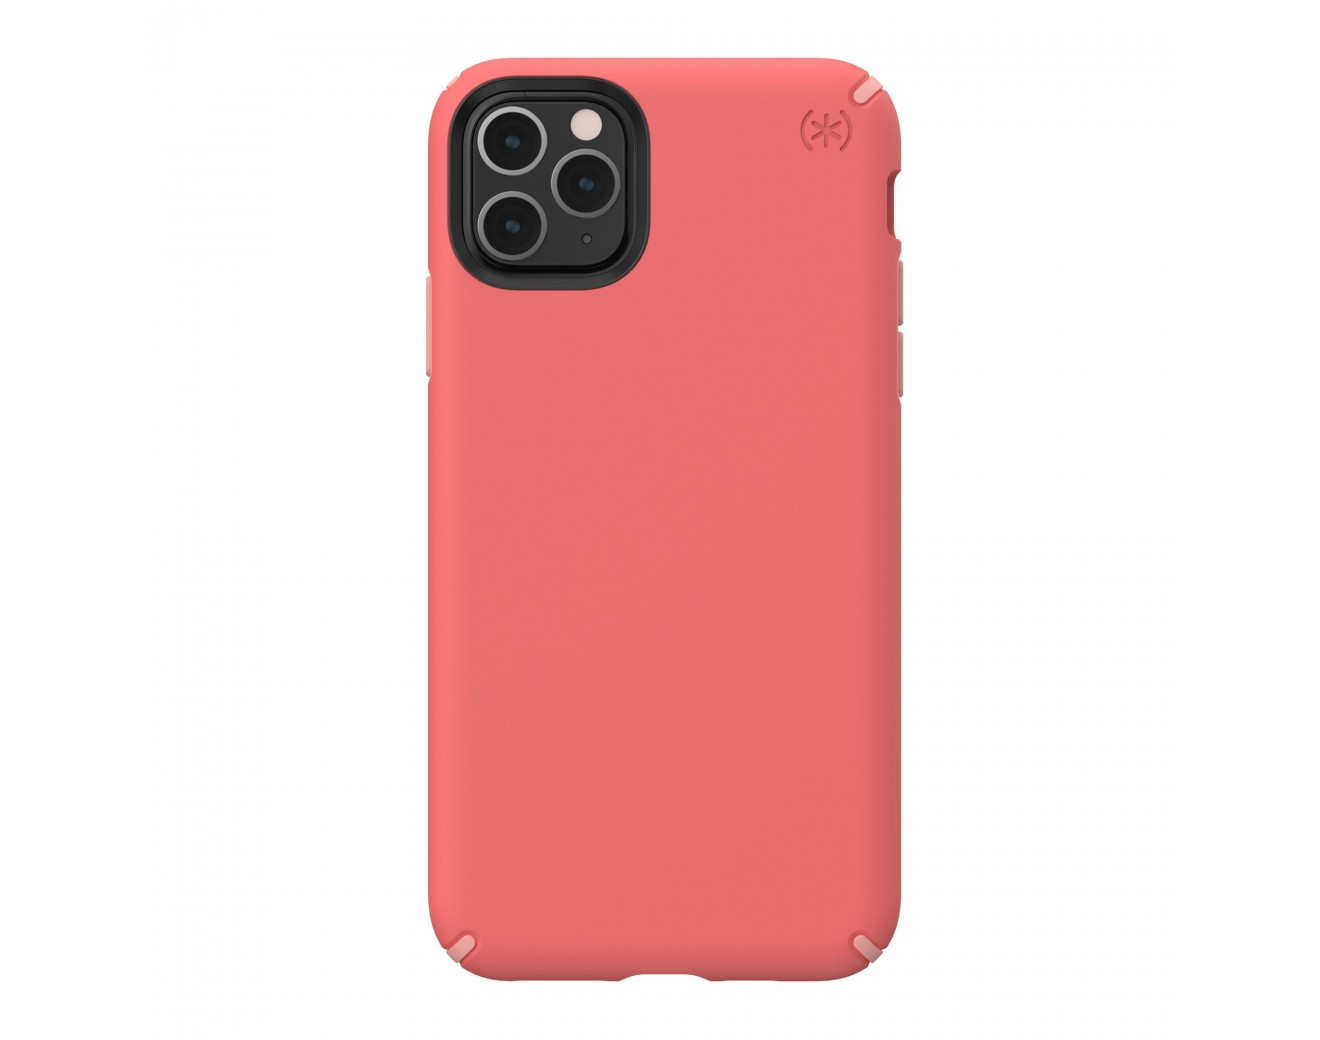 Калъф Speck Presidio Pro за iPhone 11 Pro Max - Parrot